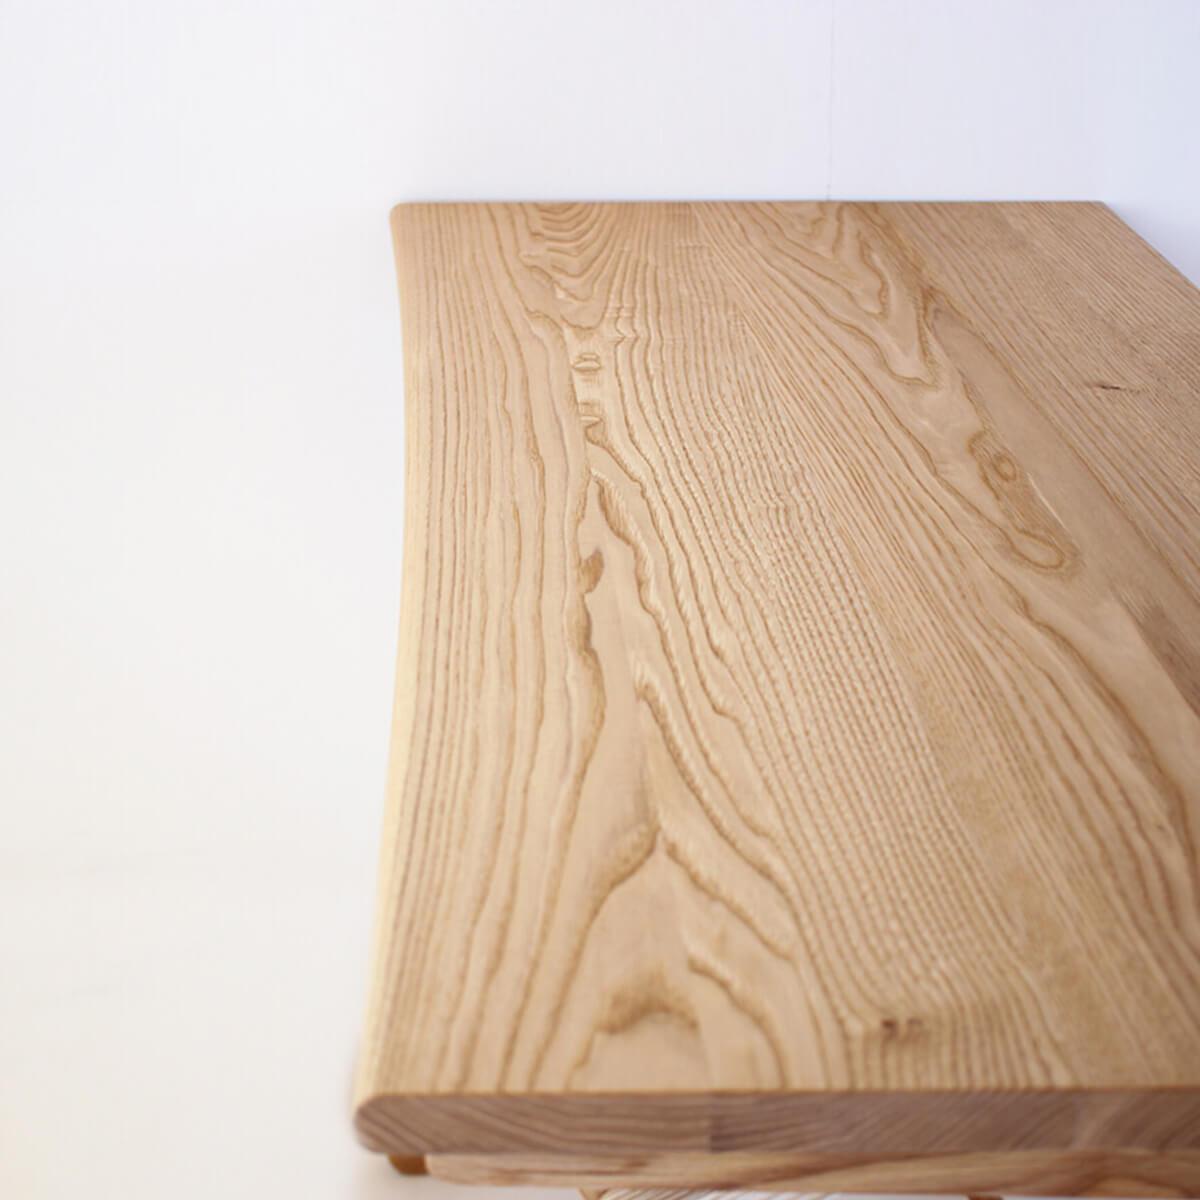 折りたたみデスク [予約販売/10月上旬お届け]| テレワーク・在宅勤務のワークデスクとして人気